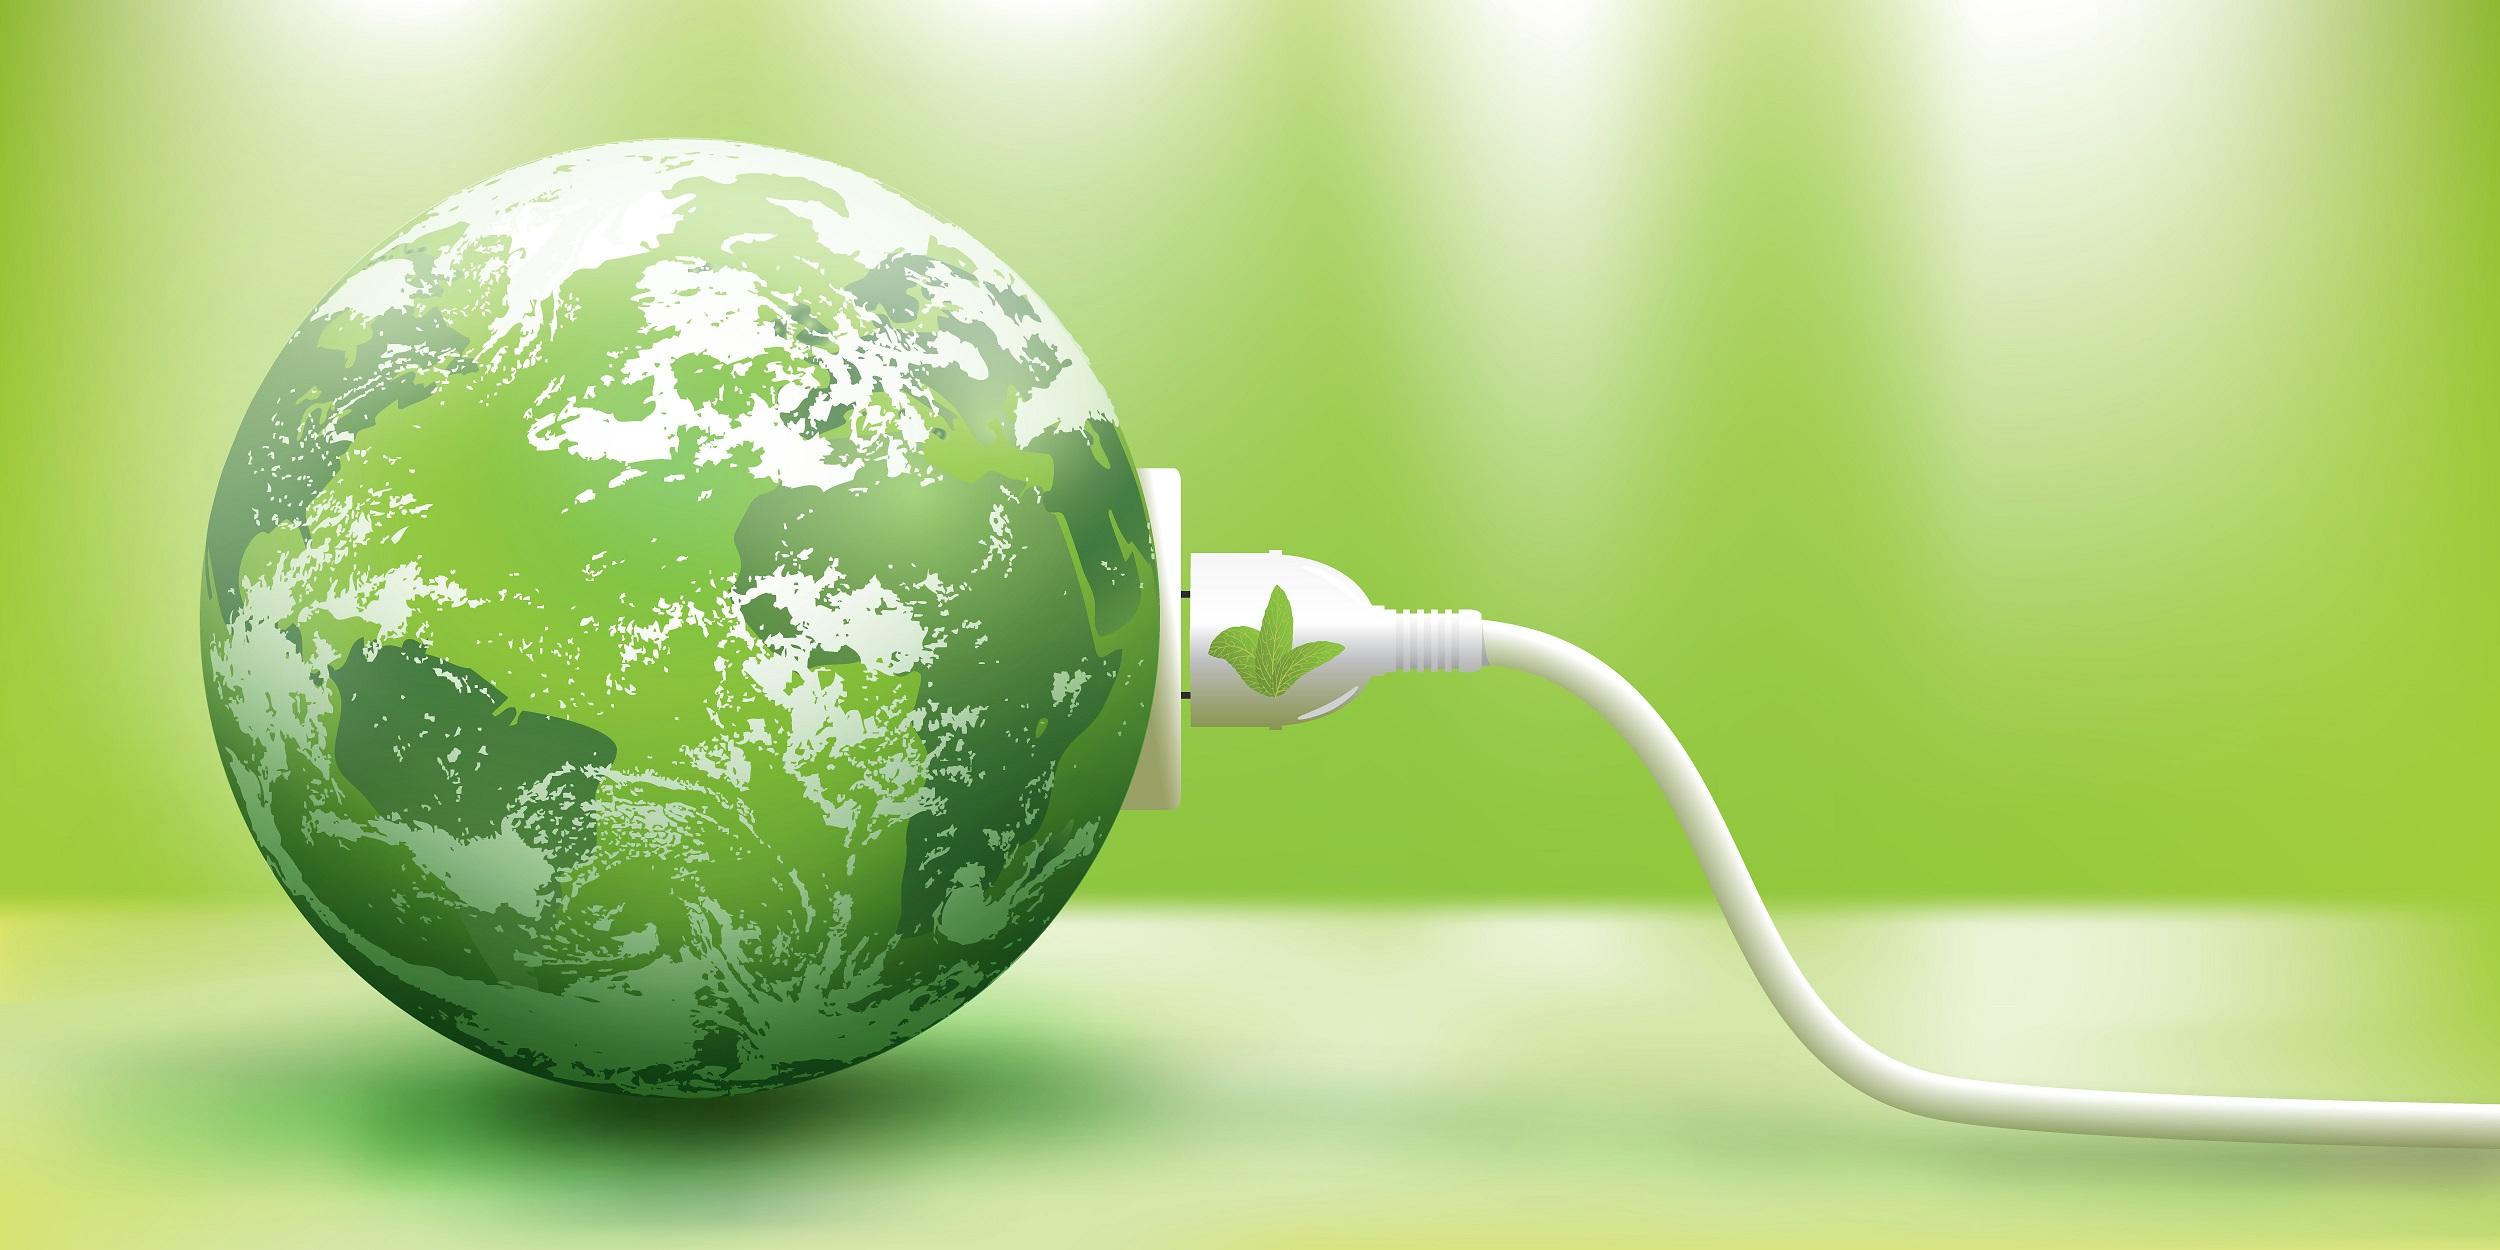 https://info-war.gr/wp-content/uploads/2021/08/green_energy_shutterstock_89738425.jpg